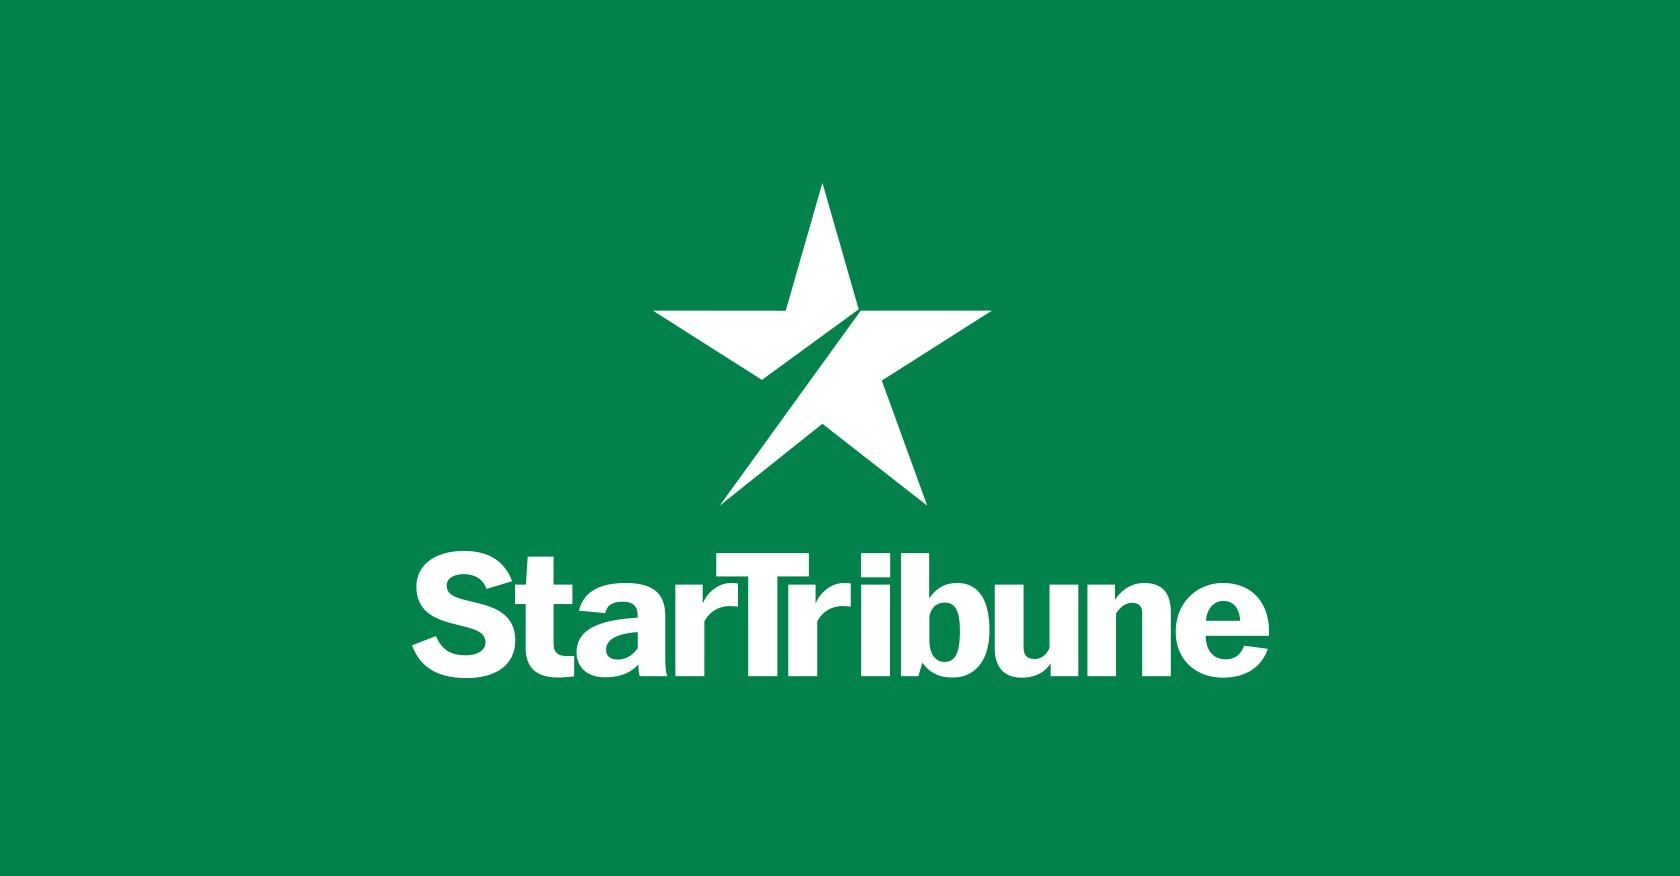 www.startribune.com